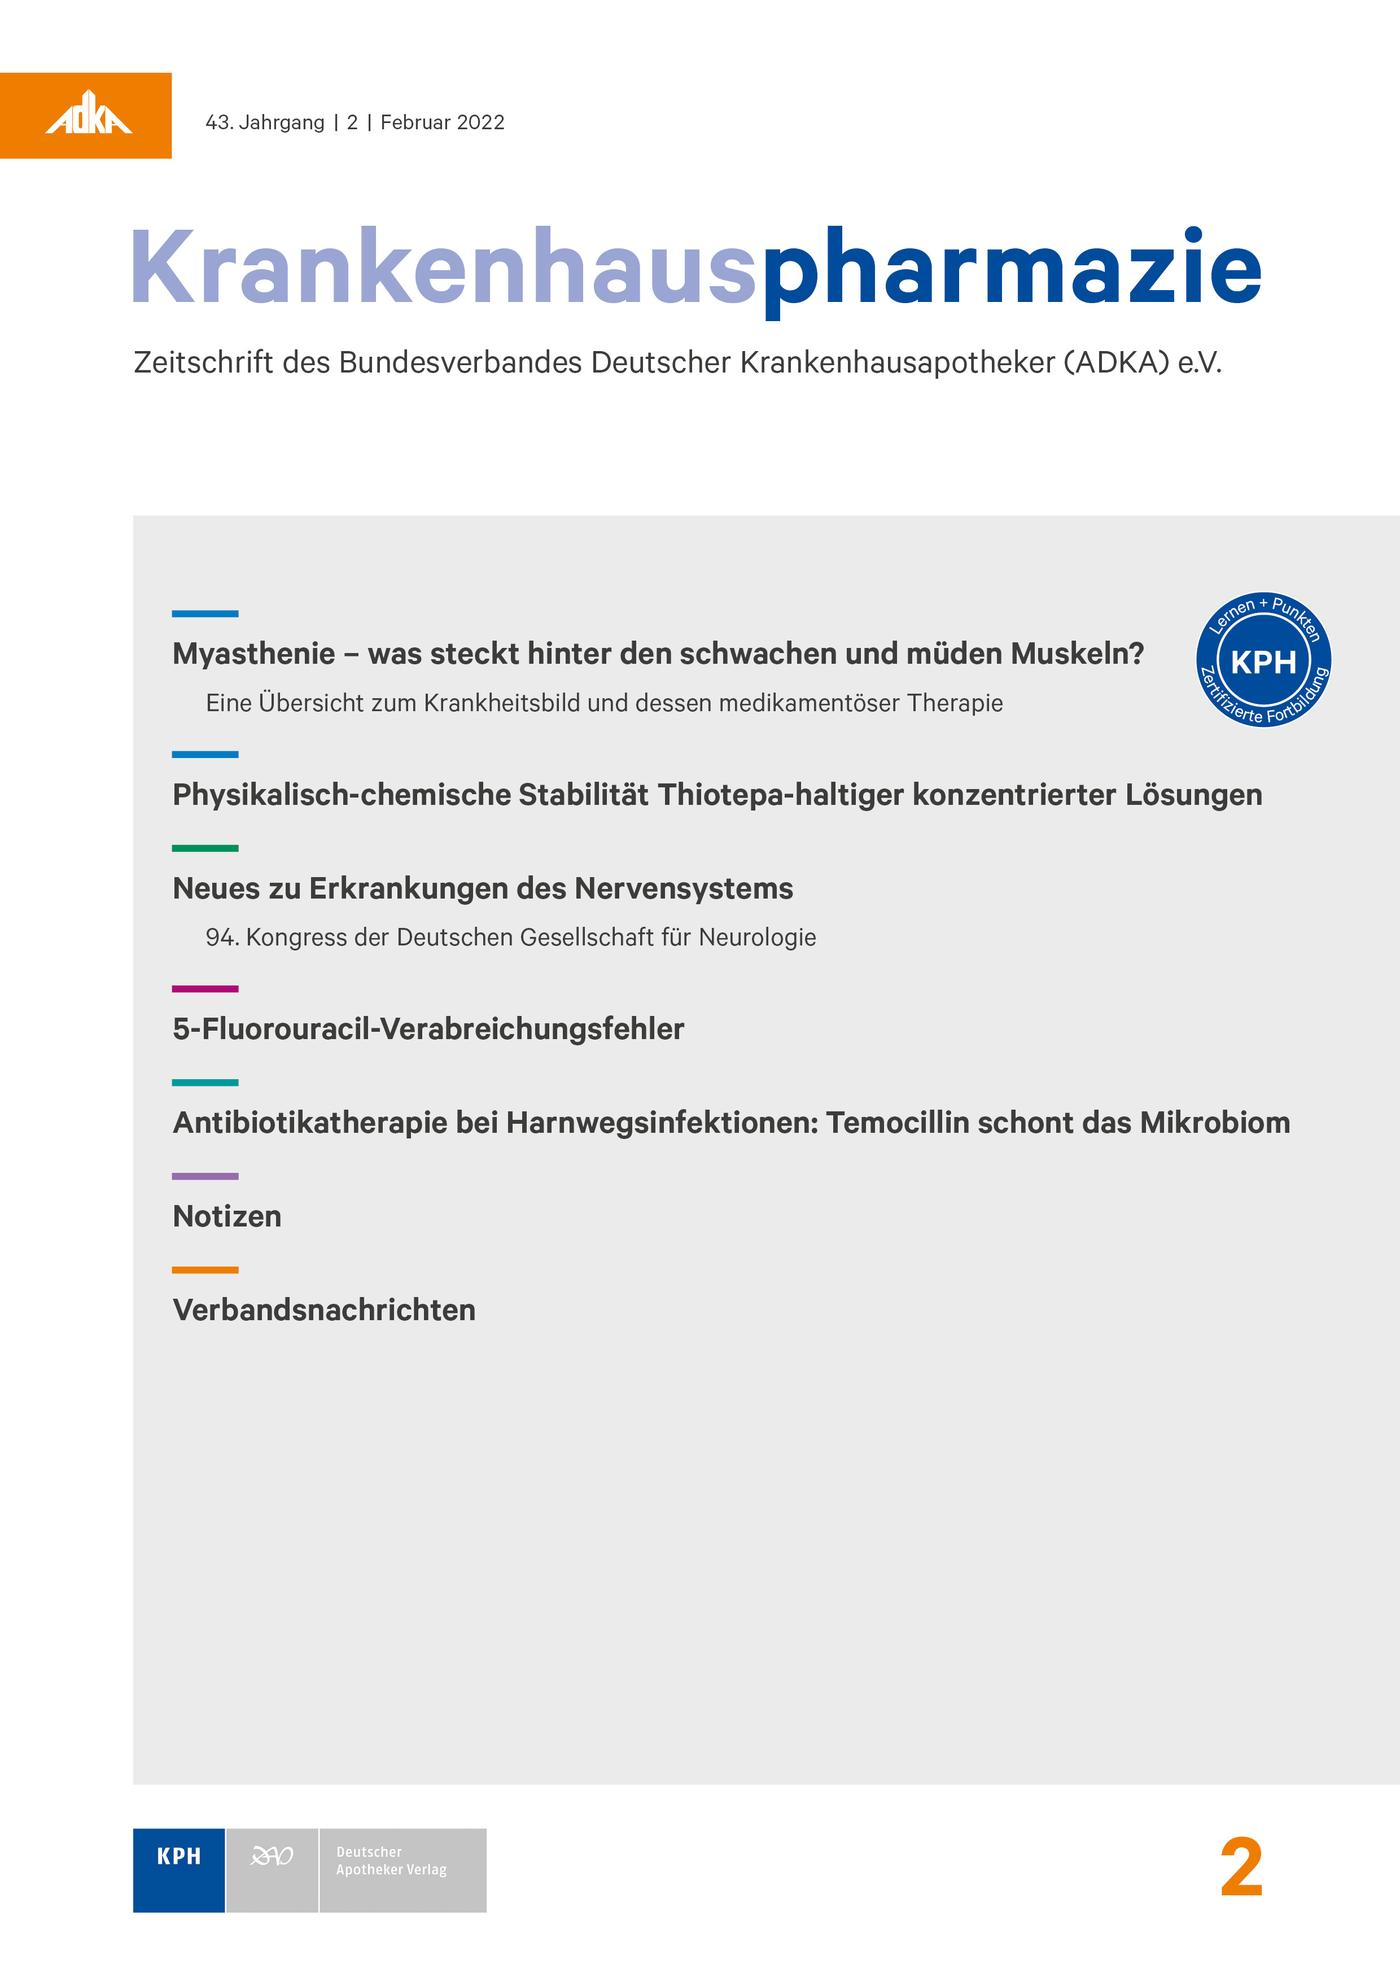 Shop - Mediengruppe Deutscher Apotheker Verlag